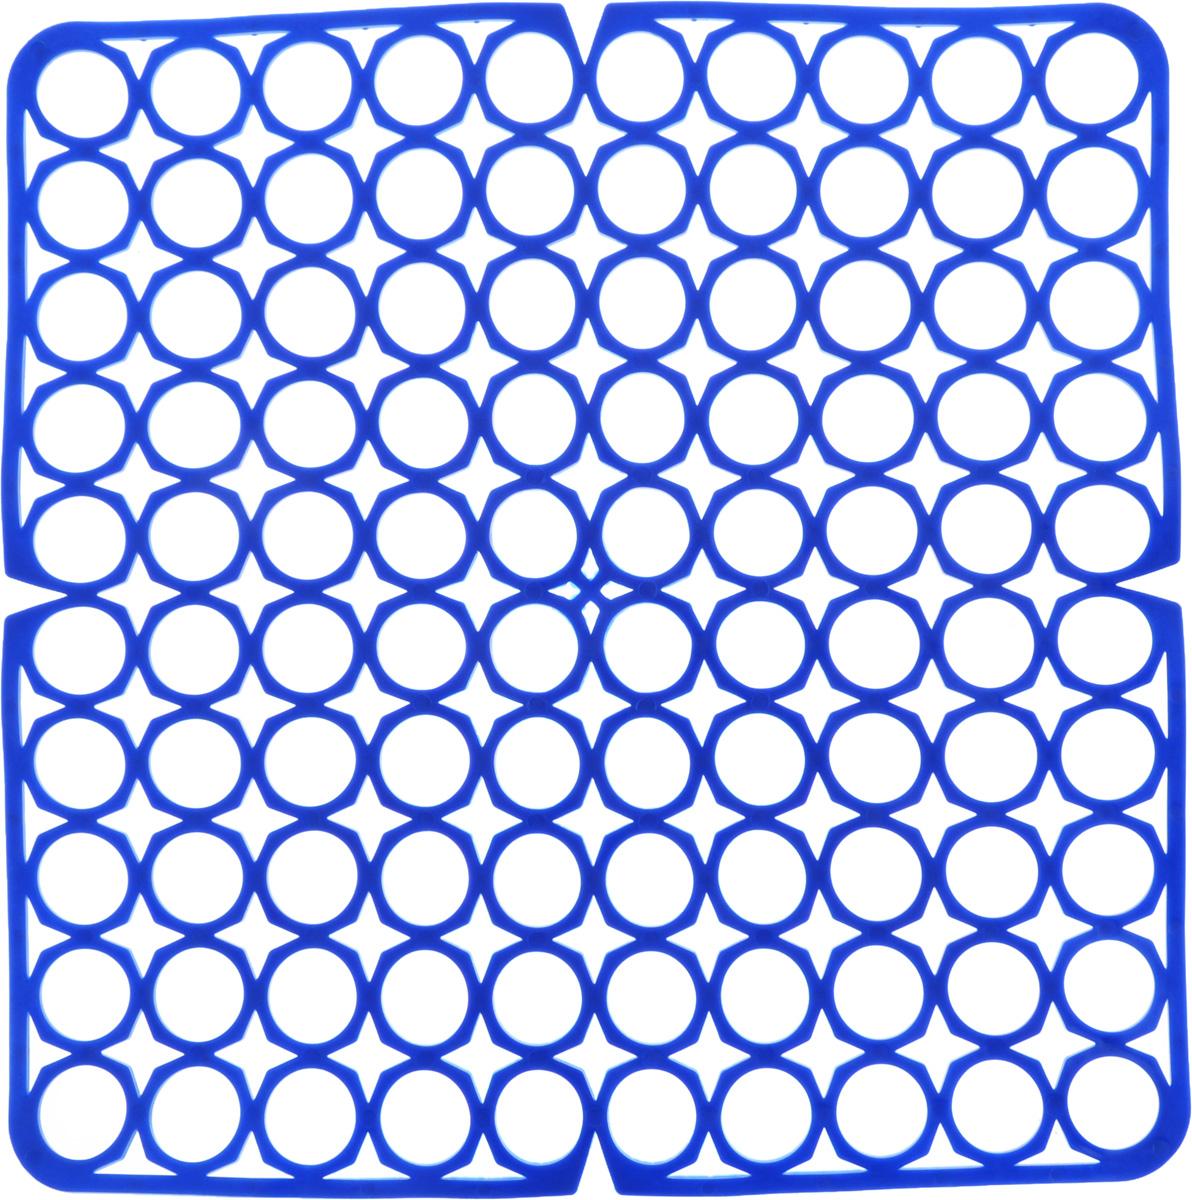 Коврик для раковины York, цвет: синий, 27,5 х 27,5 см9561/095610_синийСтильный и удобный коврик для раковины York изготовлен из сложных полимеров. Он одновременно выполняет несколько функций: украшает, защищает мойку от царапин и сколов, смягчает удары при падении посуды в мойку. Коврик также можно использовать для сушки посуды, фруктов и овощей. Он легко очищается от грязи и жира.